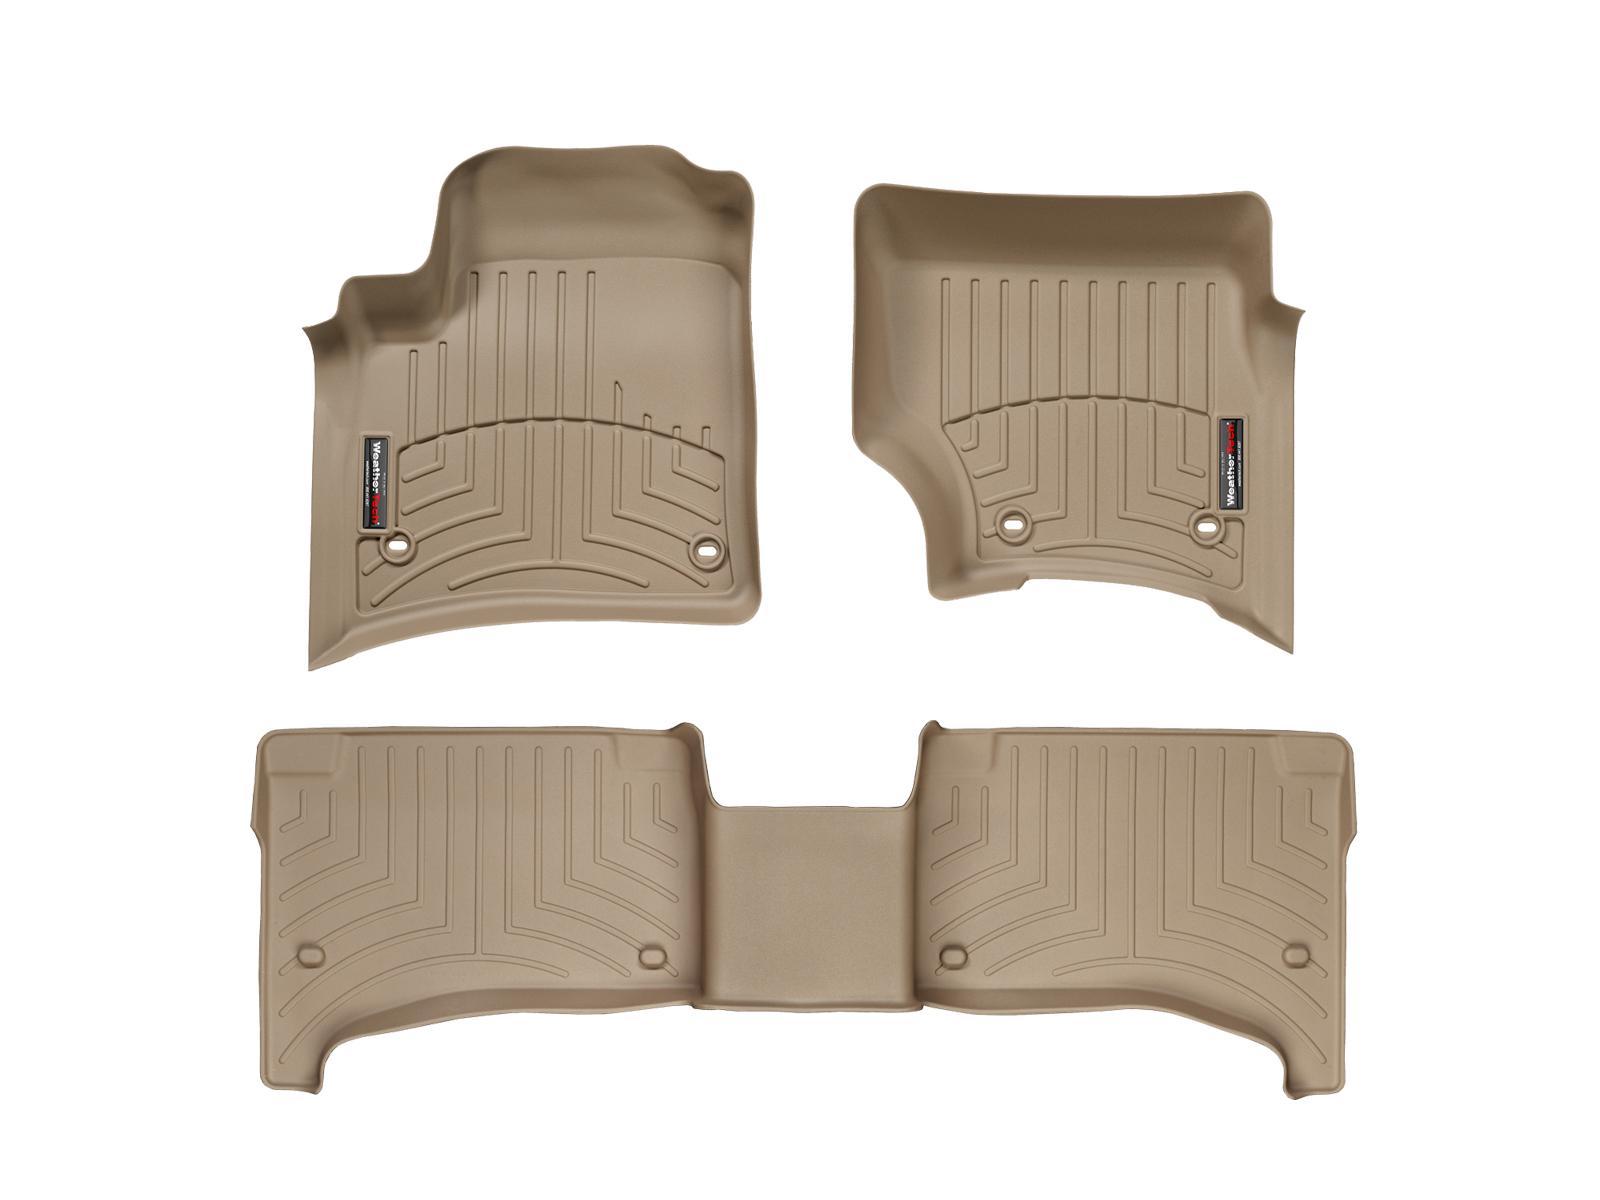 Tappeti gomma su misura bordo alto Volkswagen Touareg 02>06 Marrone A4281*